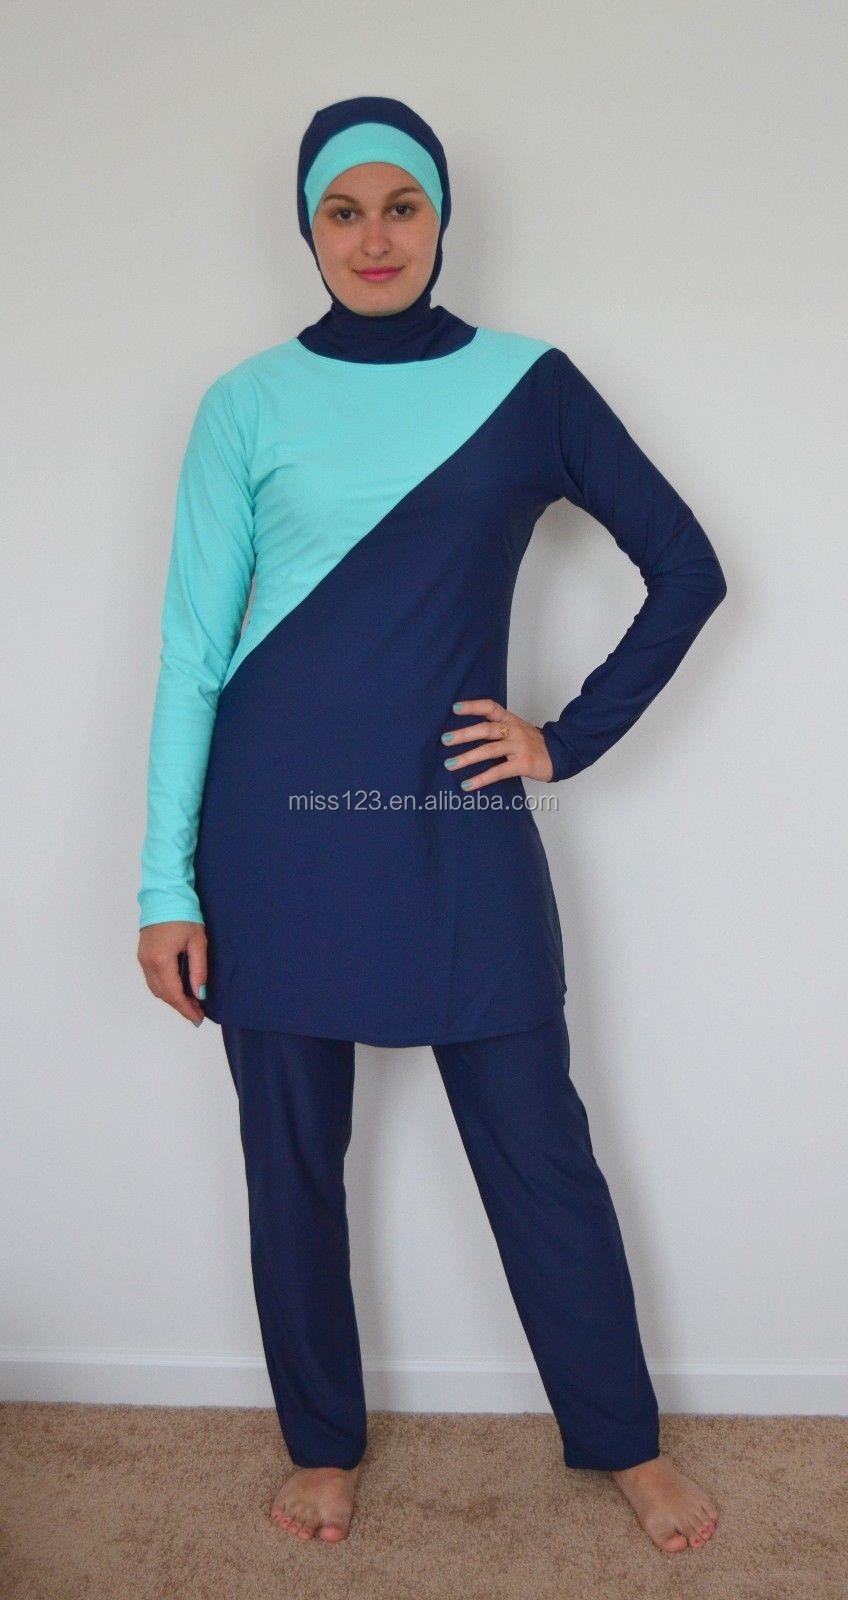 Top Nouveau D'été Musulman Maillots De Bain Islamique Hijab Maillot De  LI81